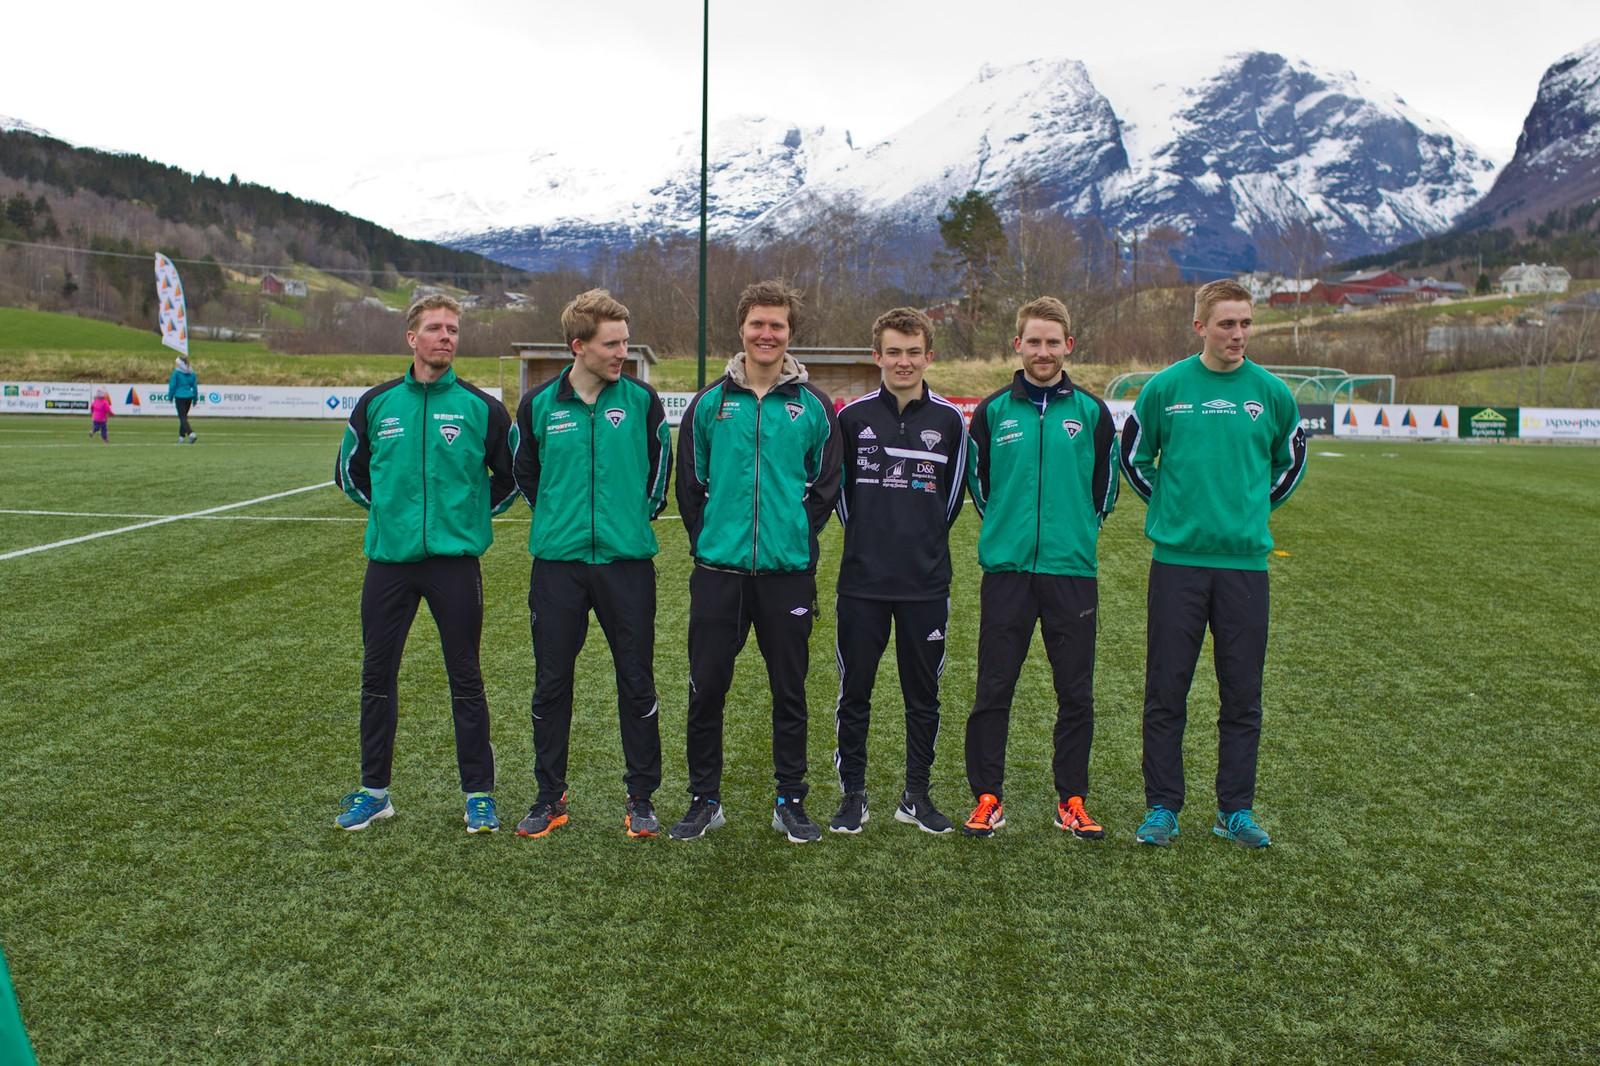 Vinnarlaget på herresida var Jølster IL. Frå venstre: Alex Peveri, Knut Olav Øygard, Øyvind Skrede, Johannes Siem, Eivind Øygard og Arild Øygard.